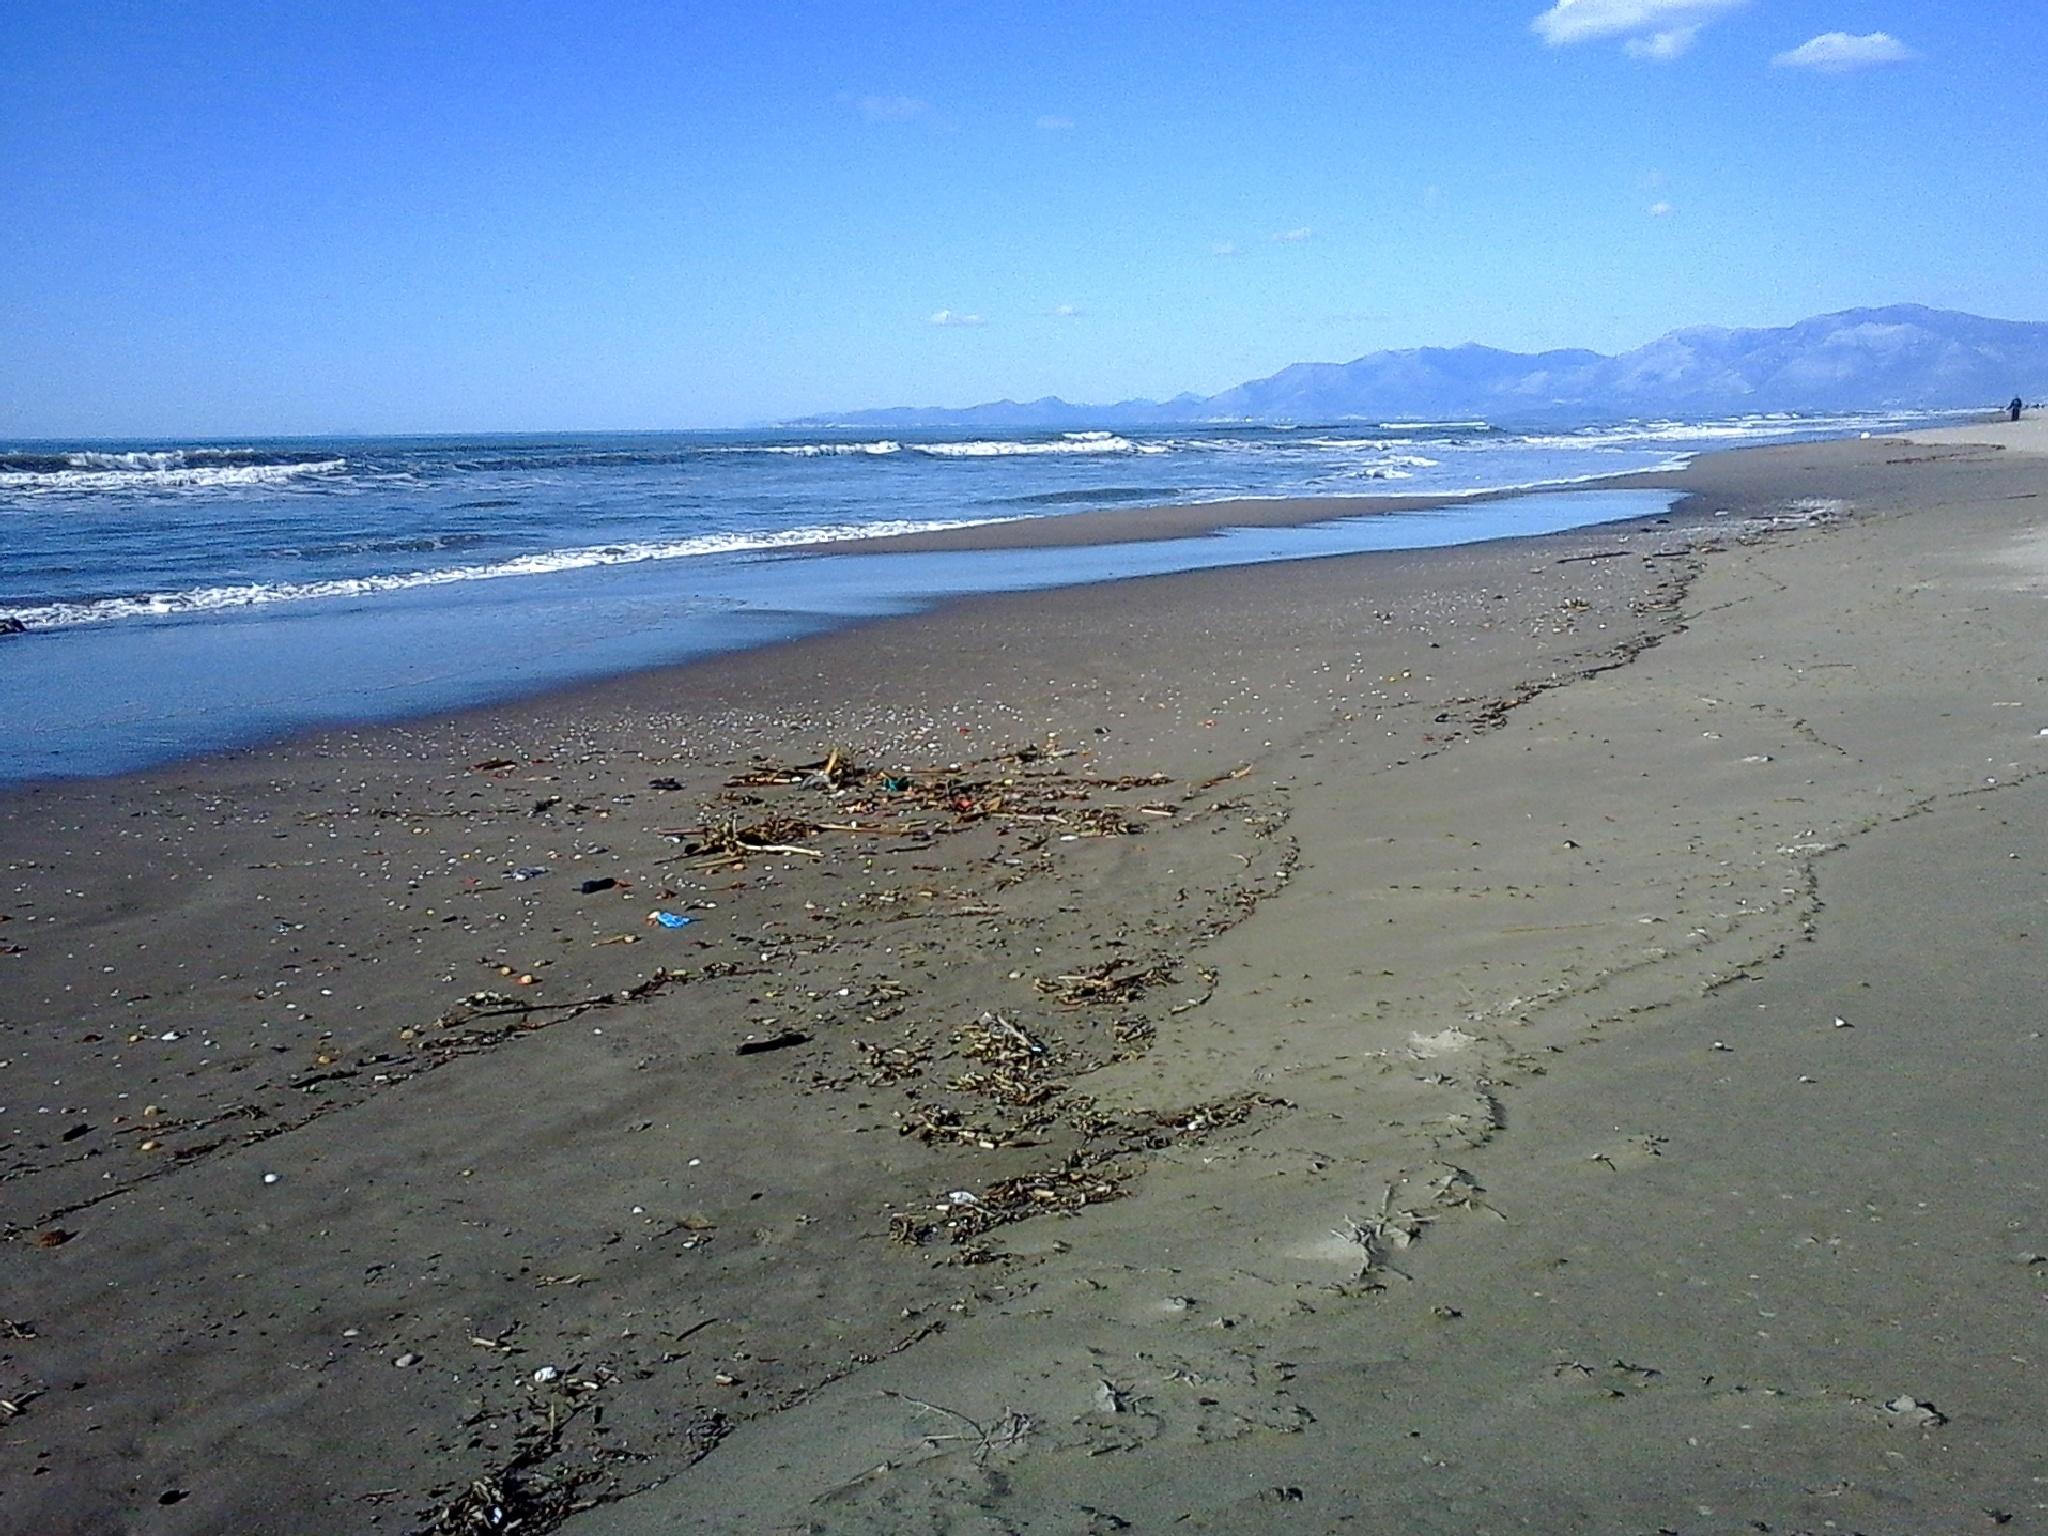 Mondragone, spiaggia in inverno by Salvatore Bertolino